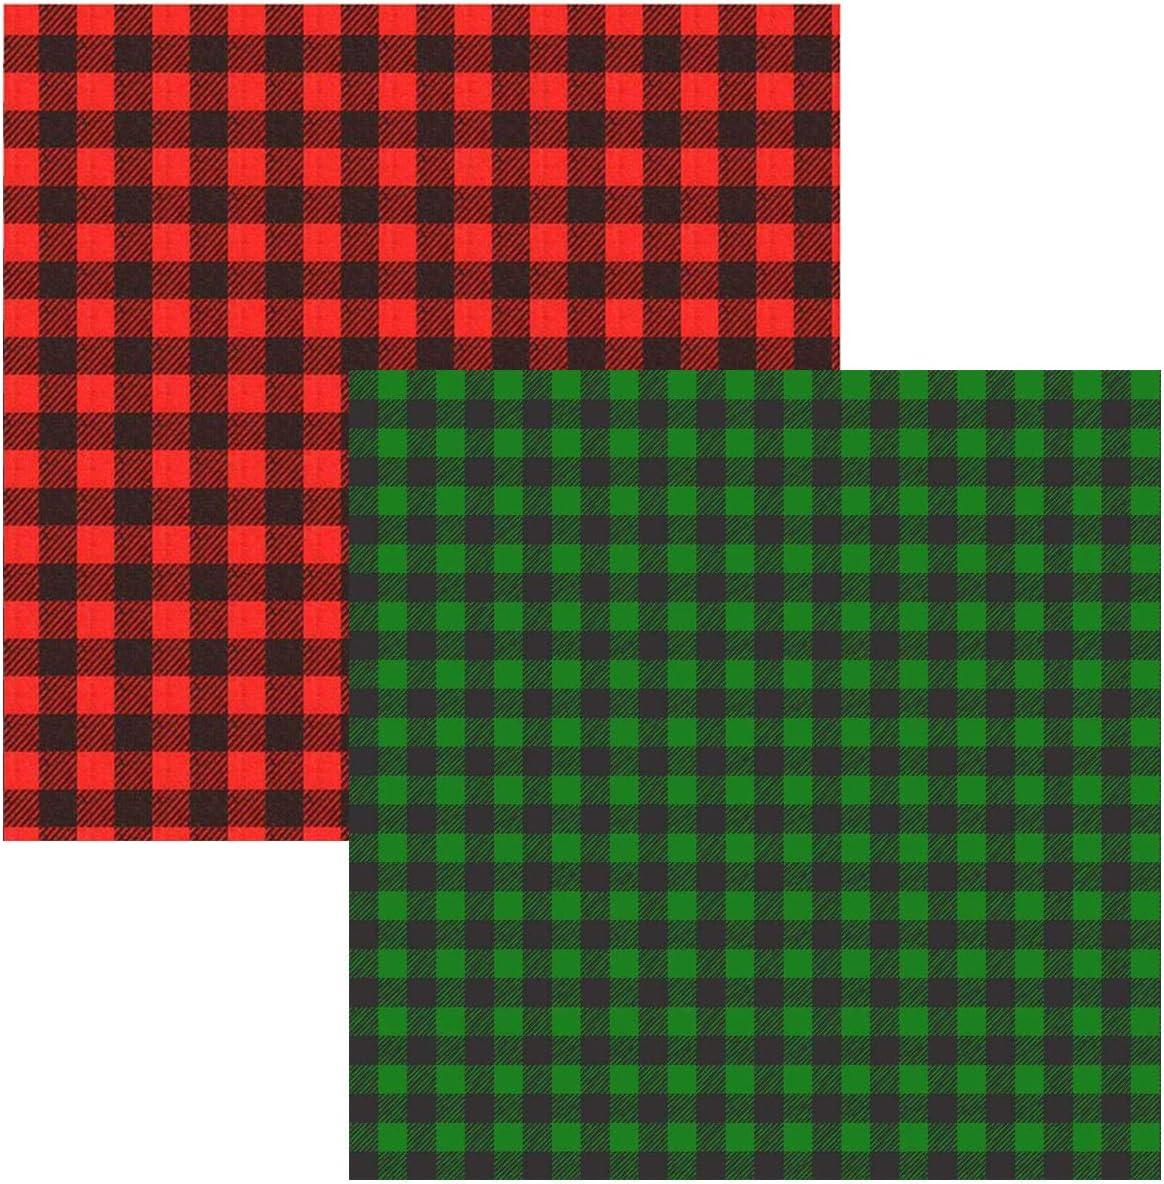 2 hojas de vinilo de cuadros de búfalo, 12 x 12 pulgadas, autoadhesivas, para camisa y manualidades (cuadros rojos y negros + cuadros verdes y negros): Amazon.es: Juguetes y juegos